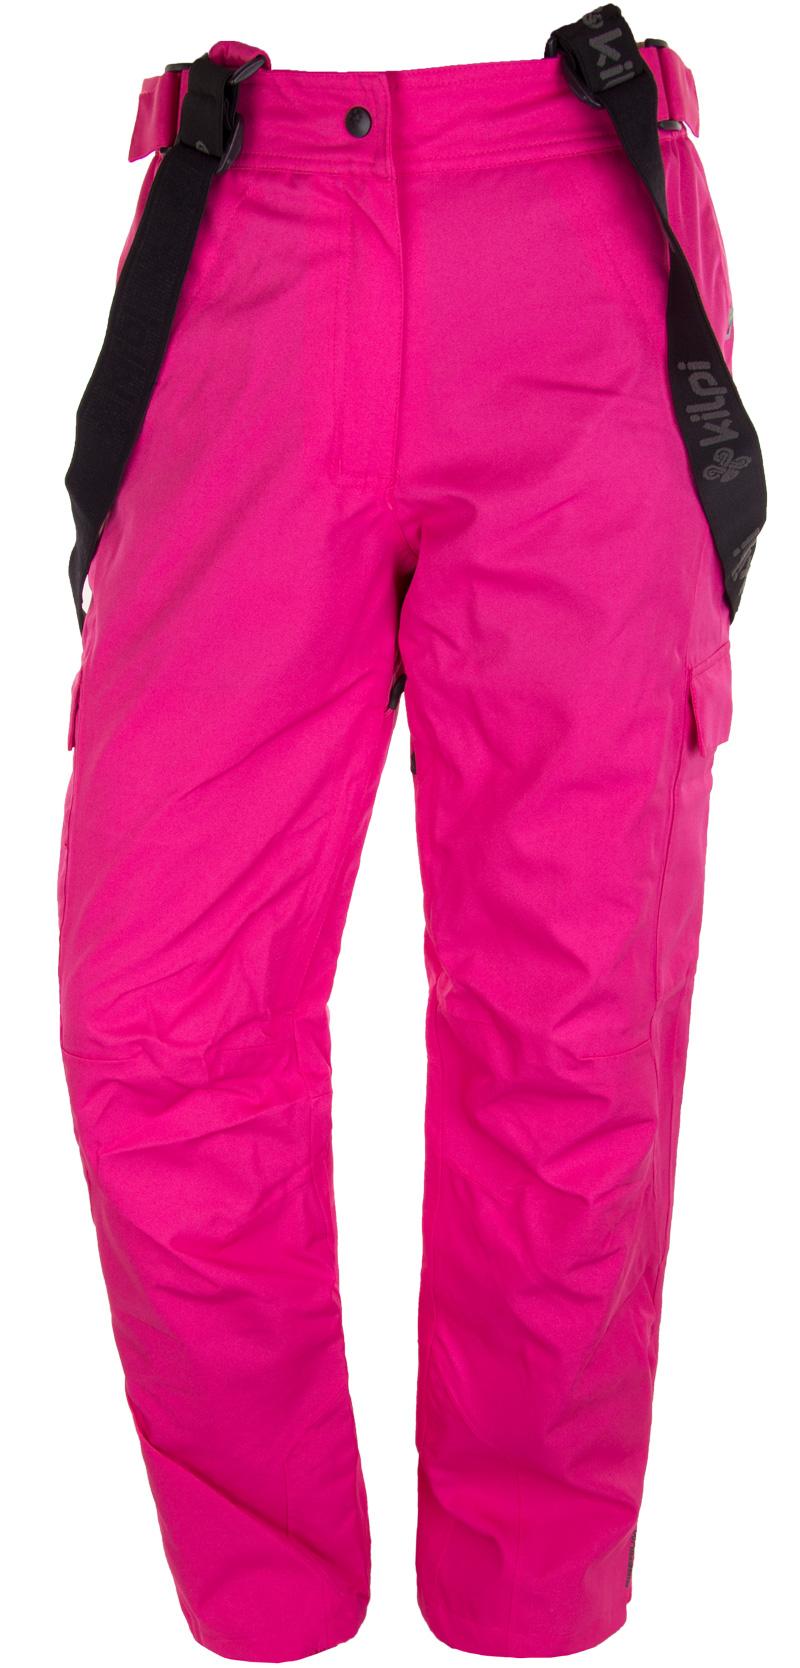 Zimní kalhoty dámské Kilpi KOFI